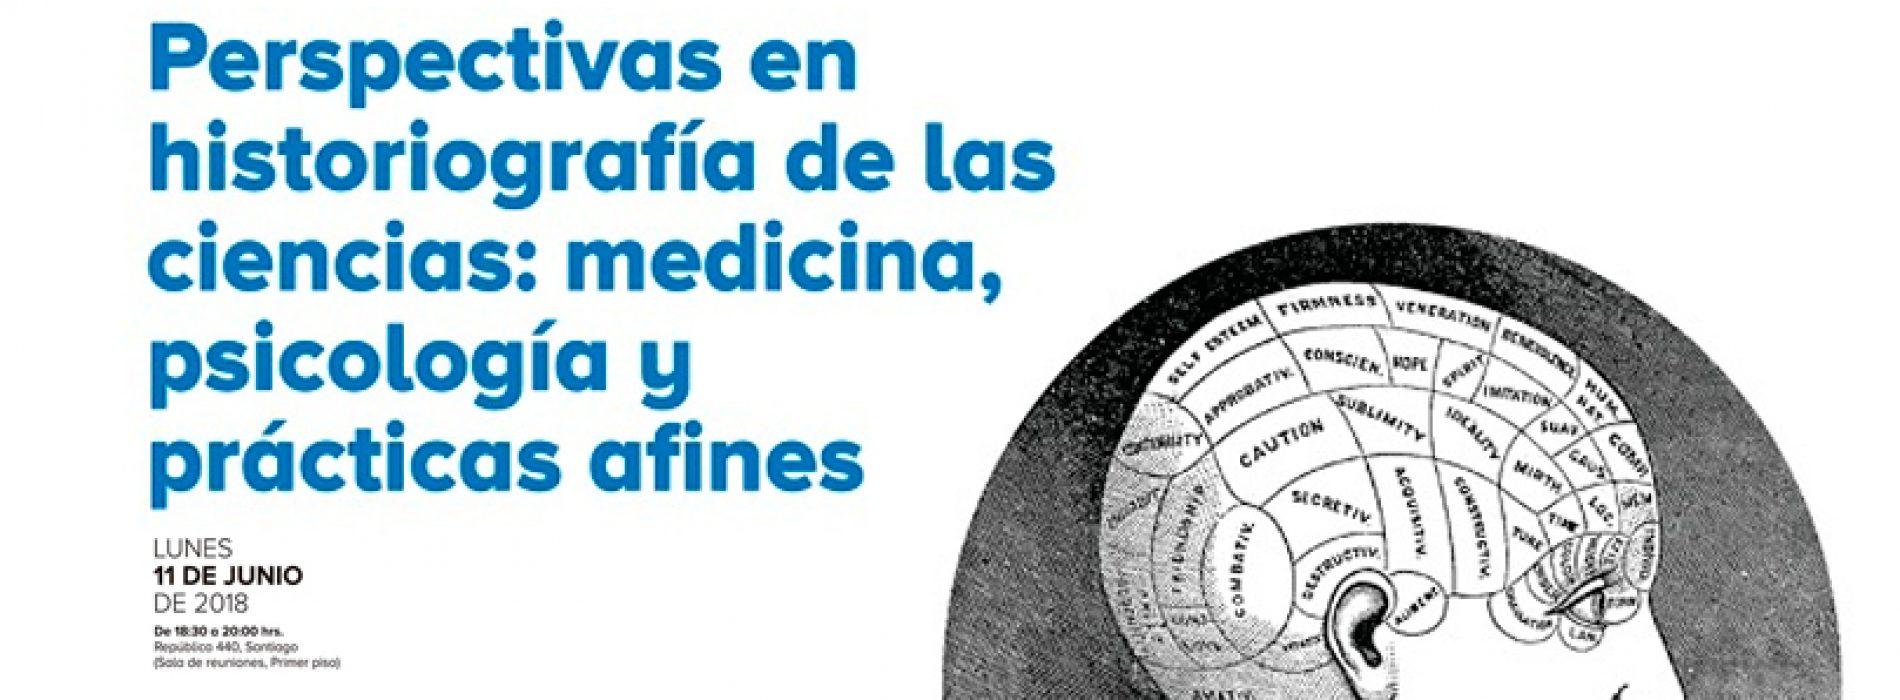 Investigadores de Barcelona y Argentina participarán en coloquio sobre historiografía de las ciencias